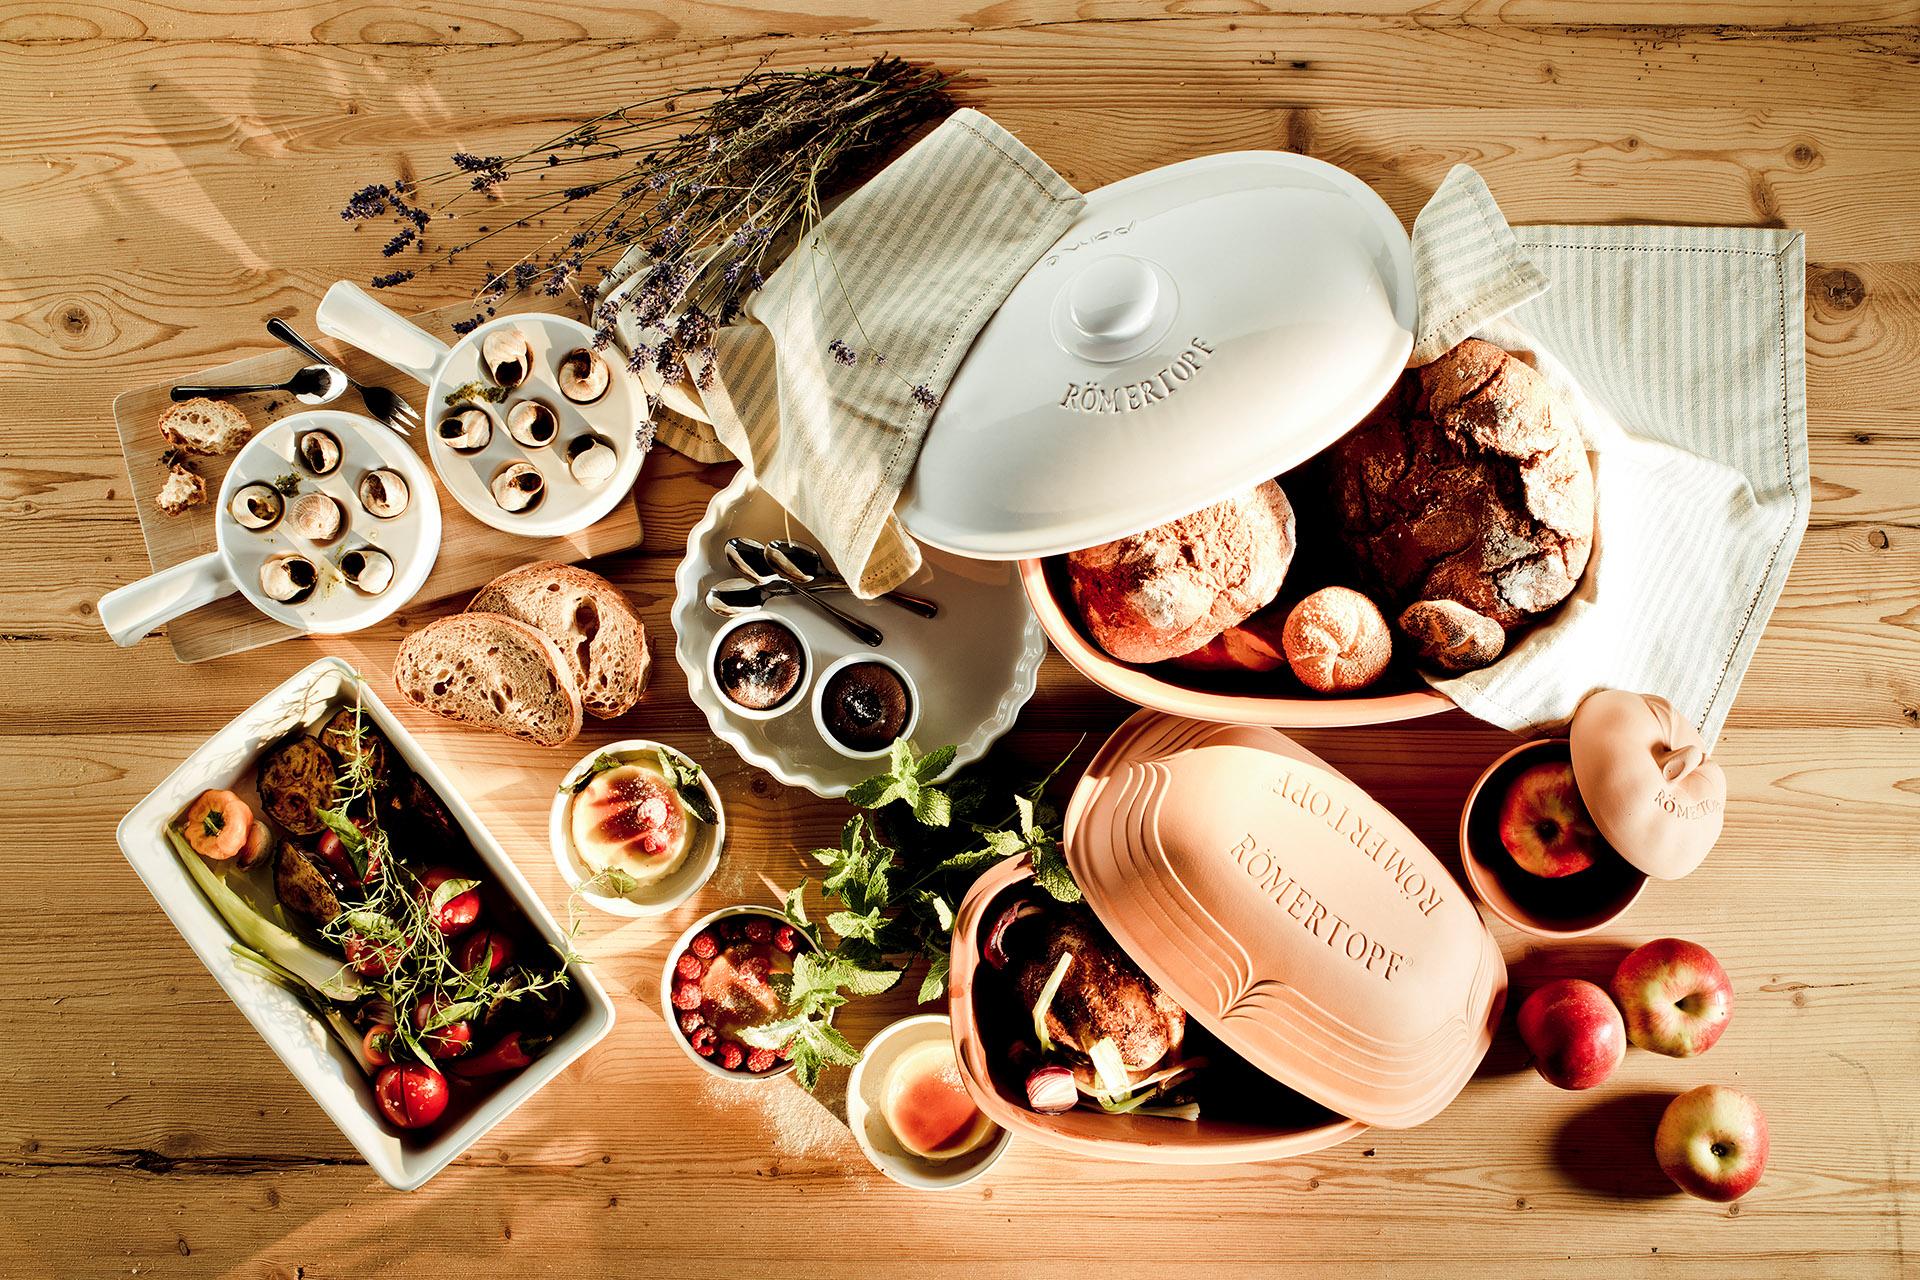 Mäser GmbH, Römertöpfe und deftiges Essen - Fotostudio für Foodfotografie, Fotowerk